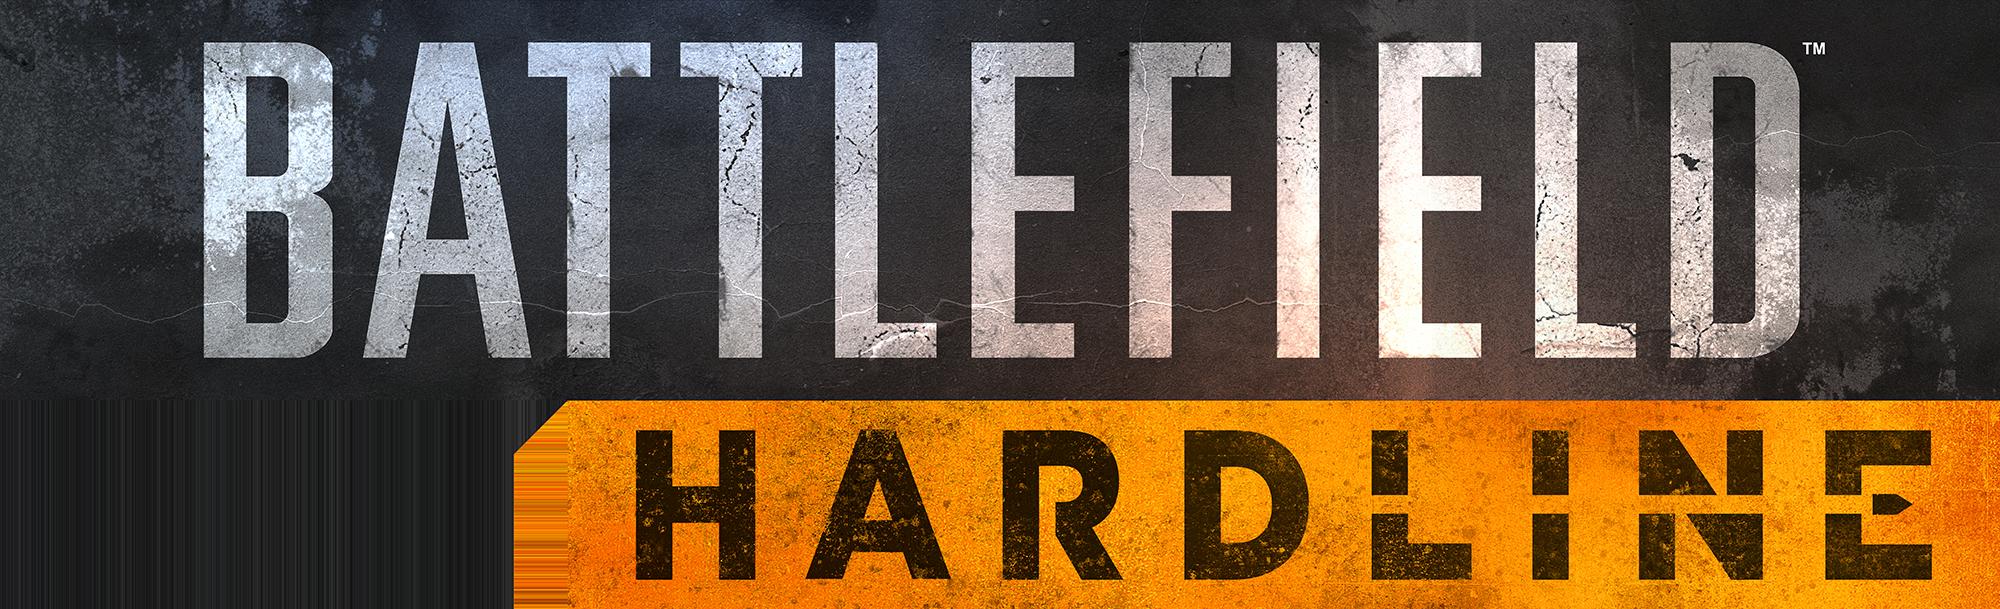 Battlefield Hardline Open Beta Coming in February - Battlefield Hardline PNG